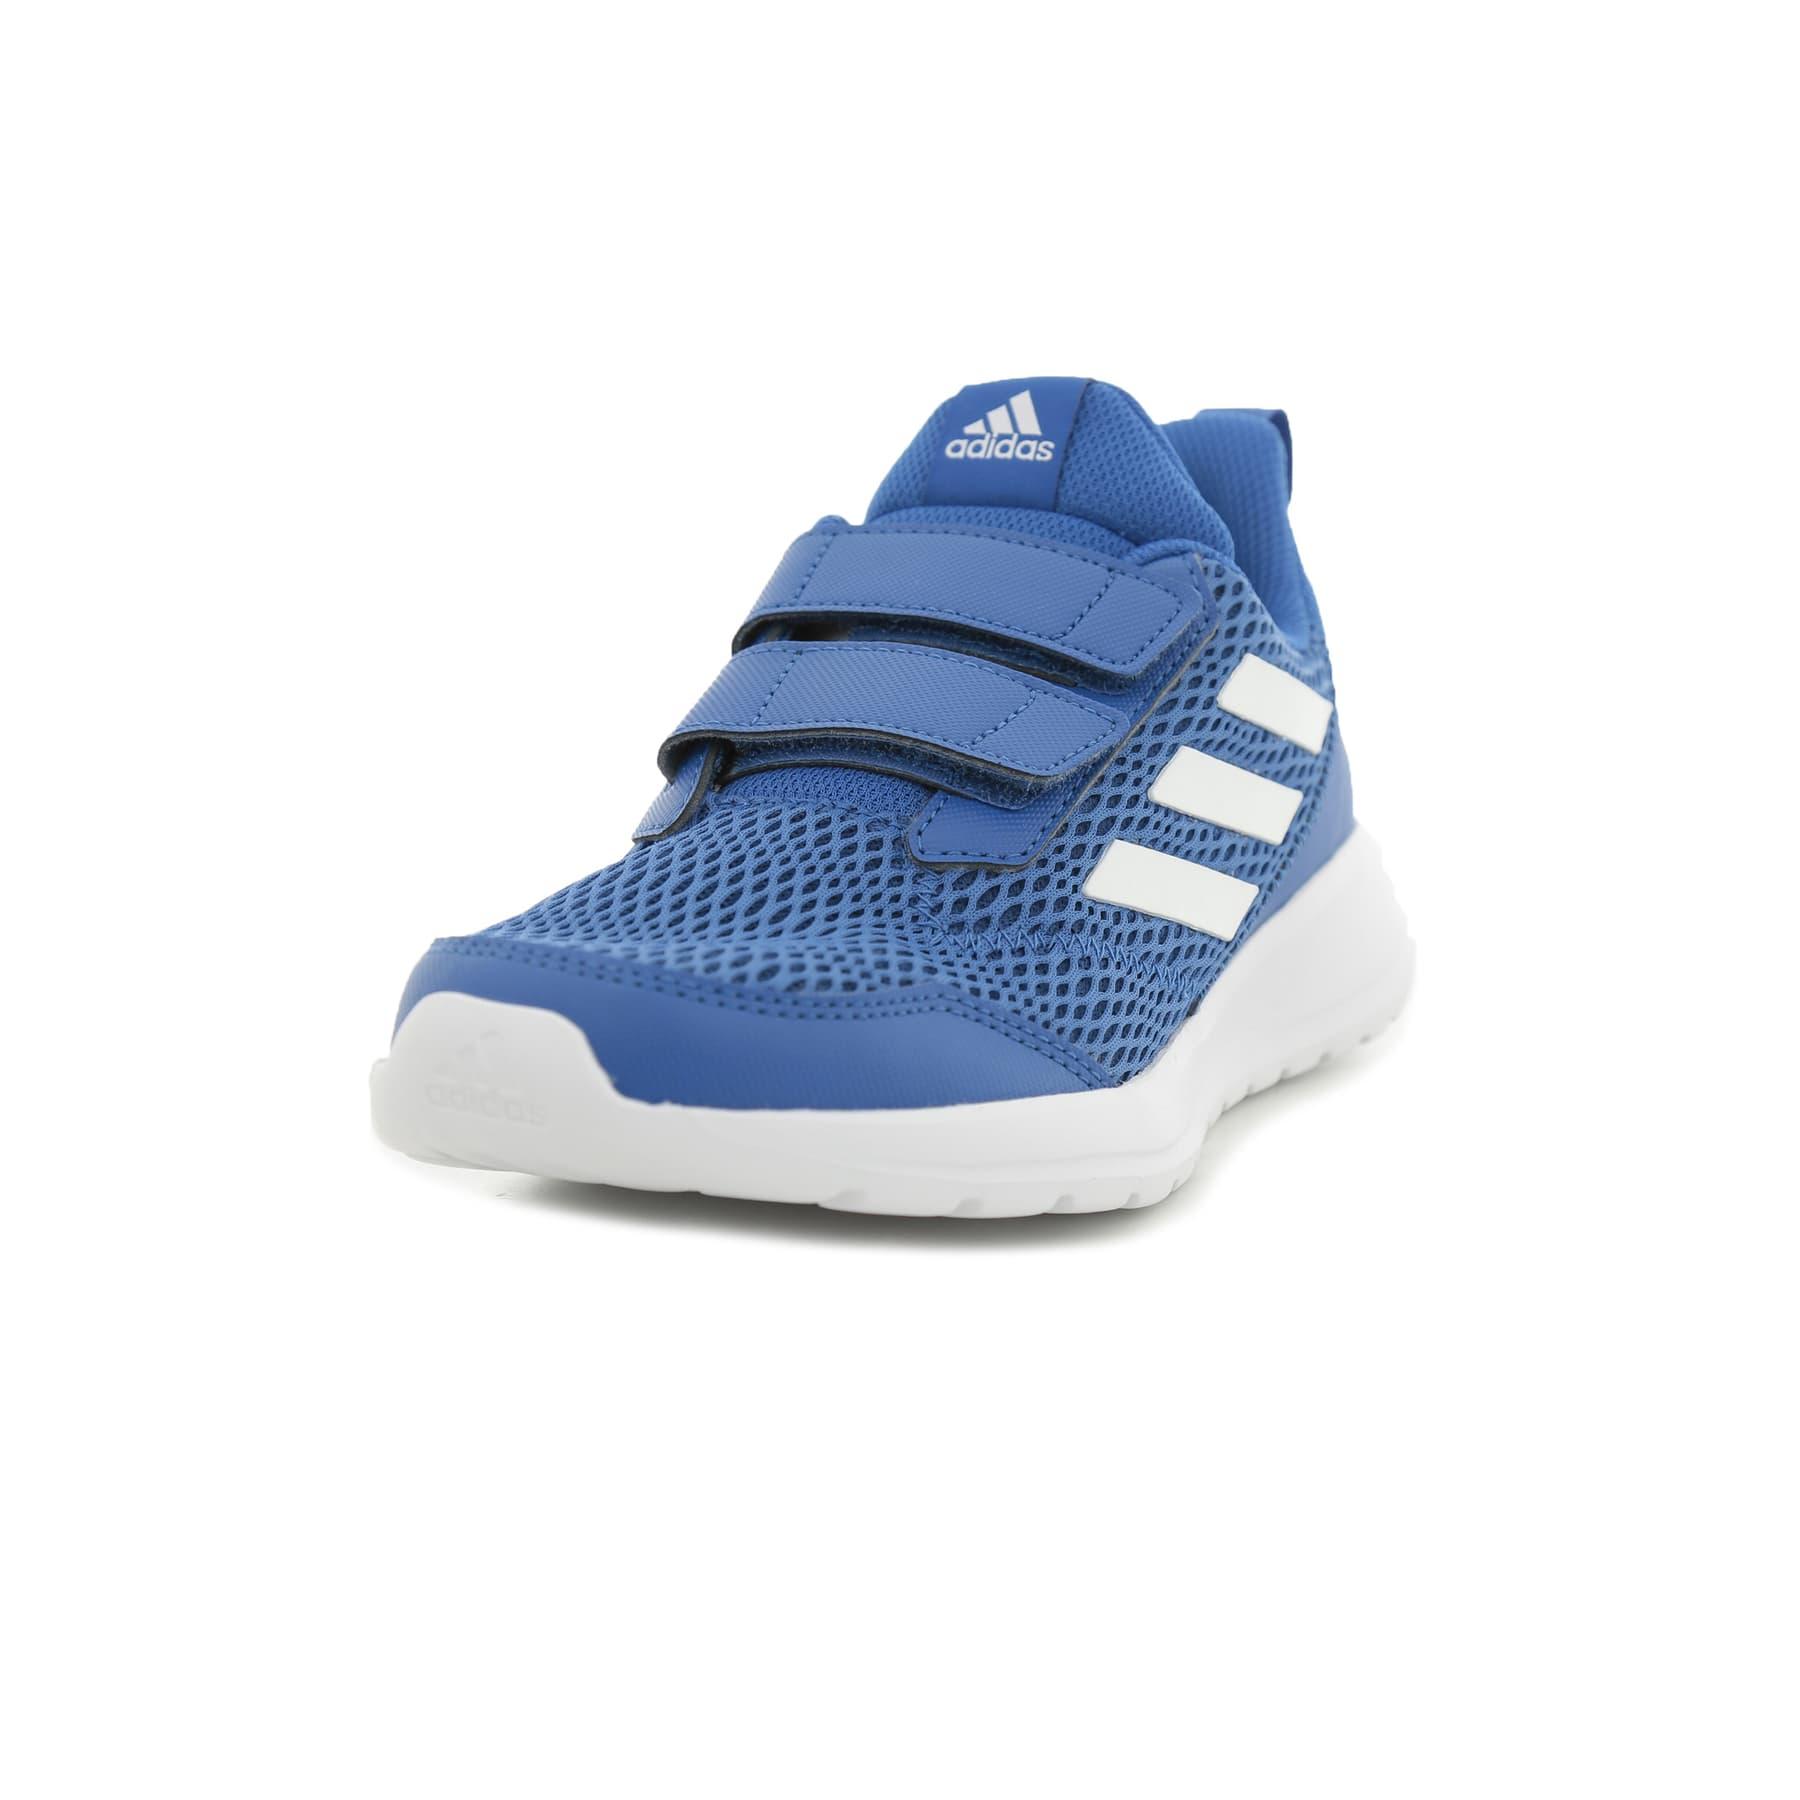 AltaRun CF Çocuk Mavi Cırt Cırtlı Spor Ayakkabısı